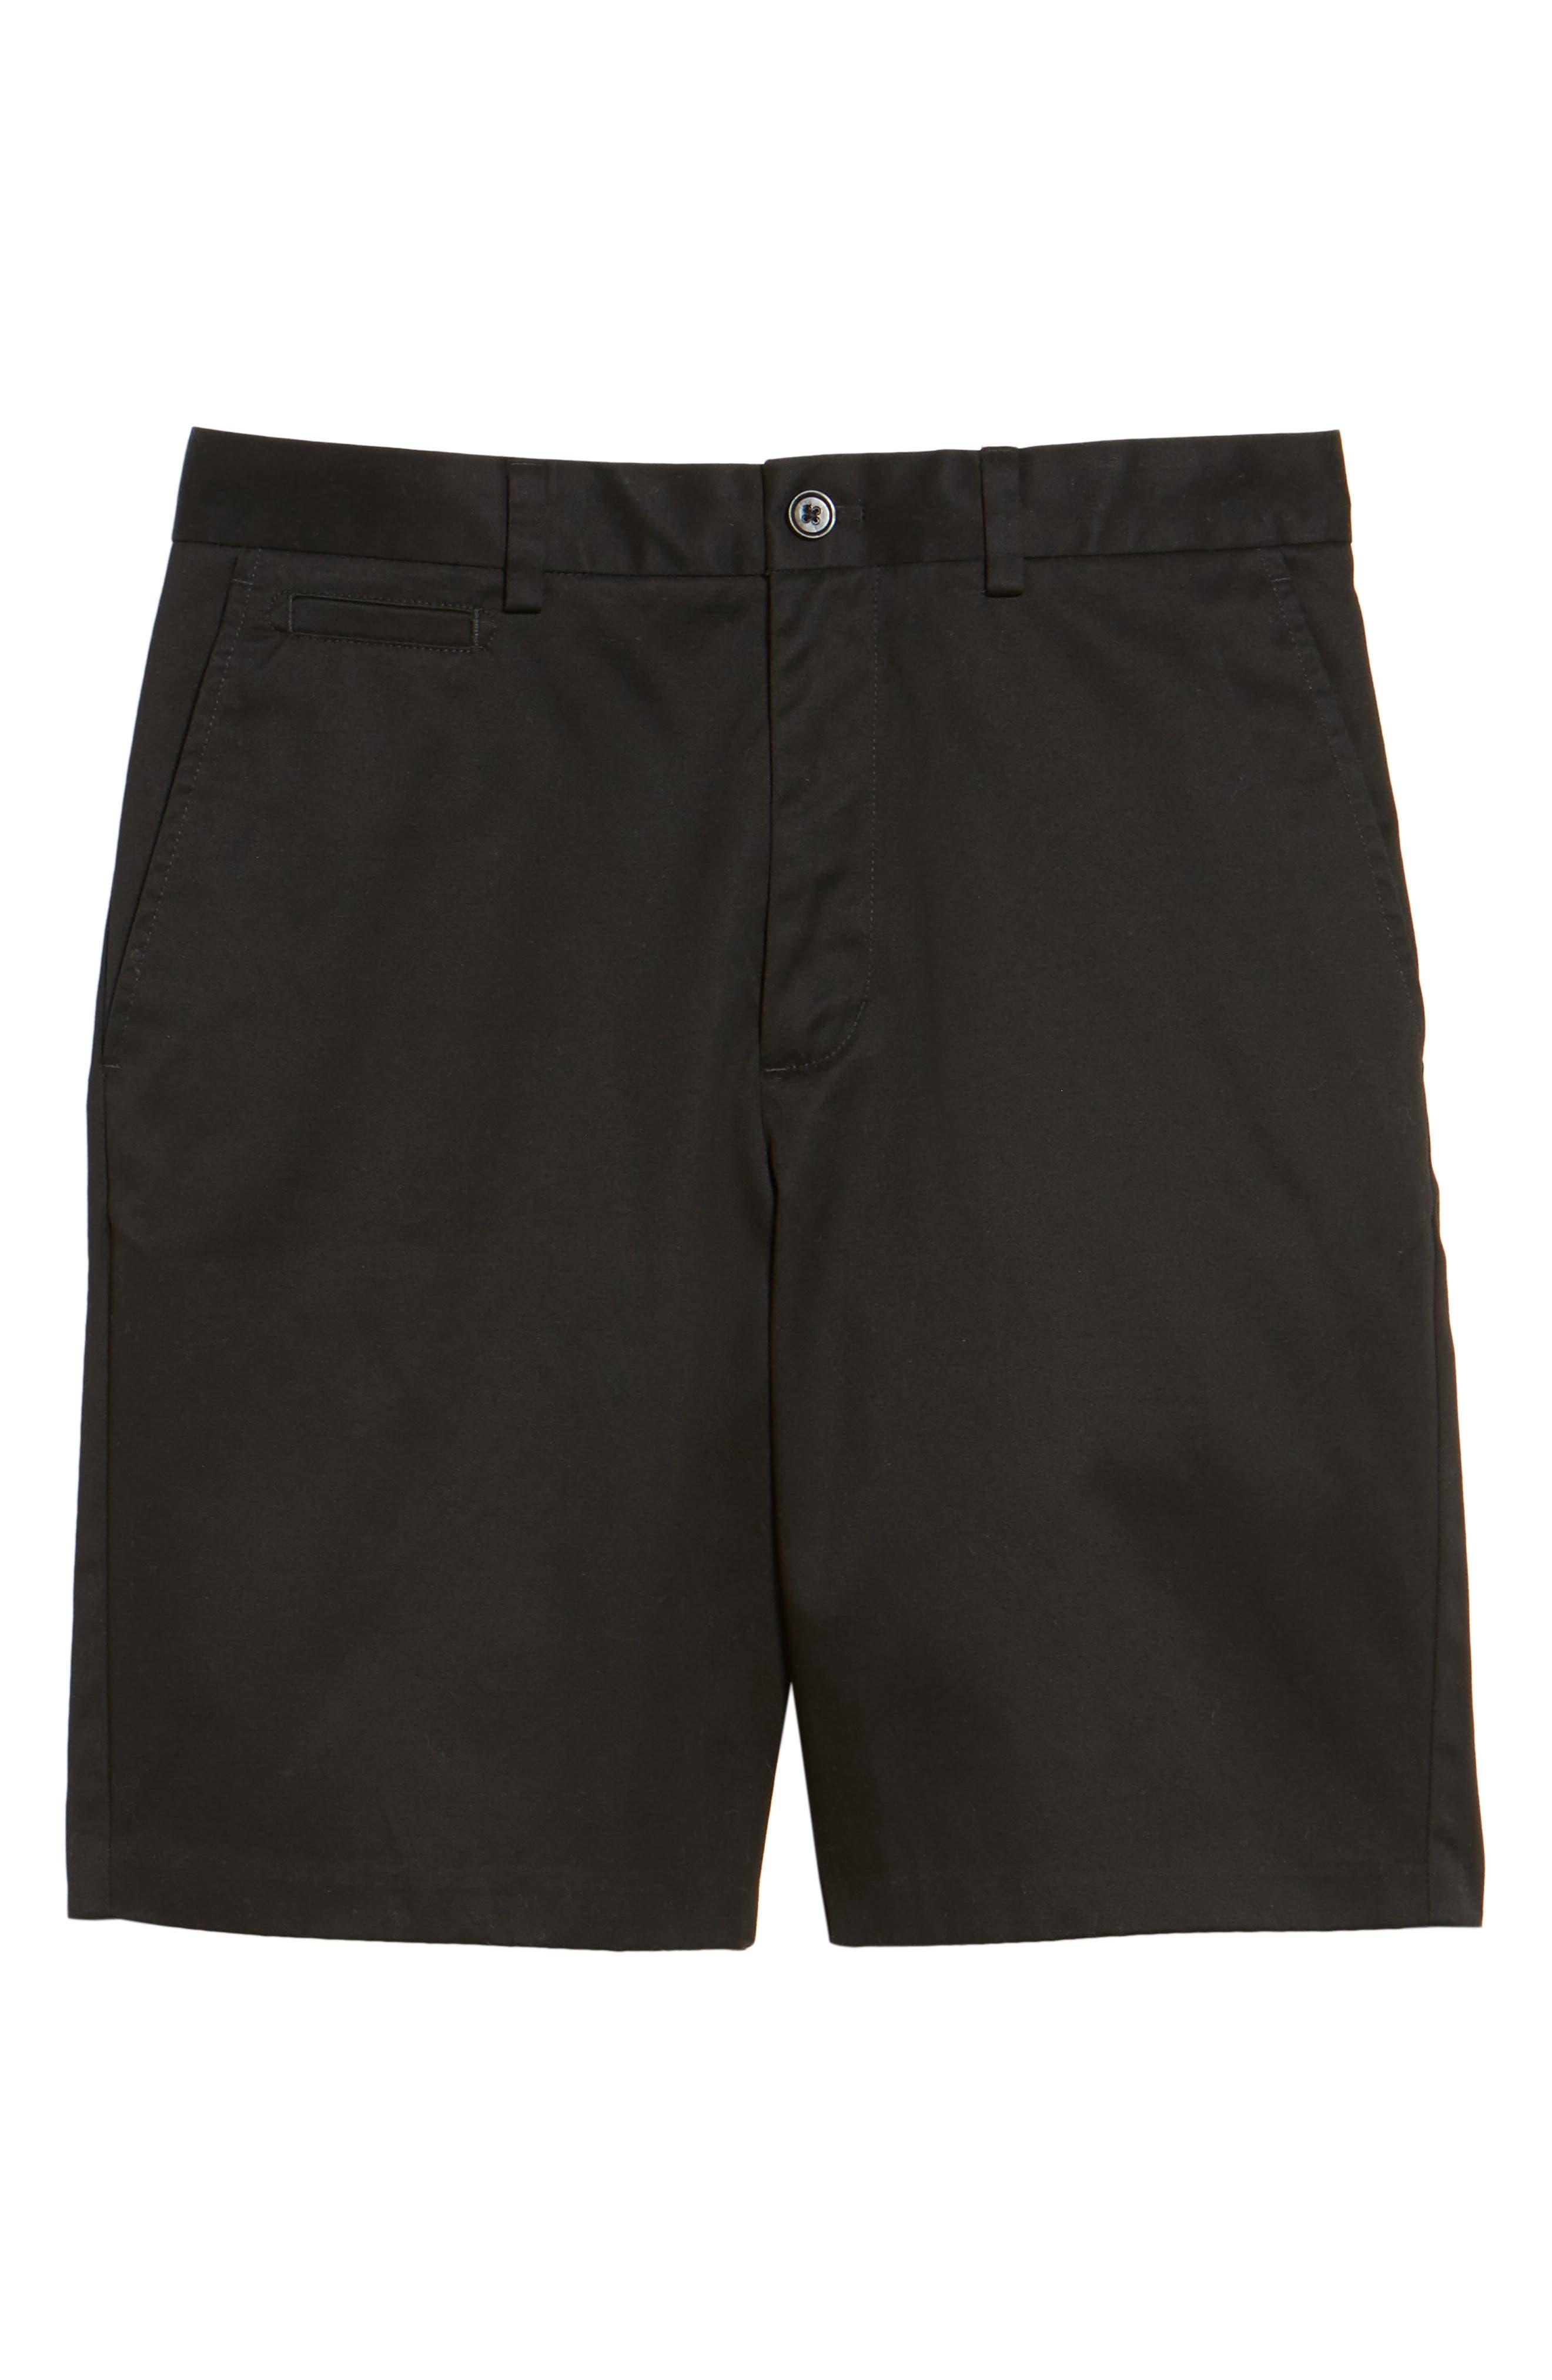 NORDSTROM MEN'S SHOP, Smartcare<sup>™</sup> Flat Front Shorts, Alternate thumbnail 6, color, BLACK